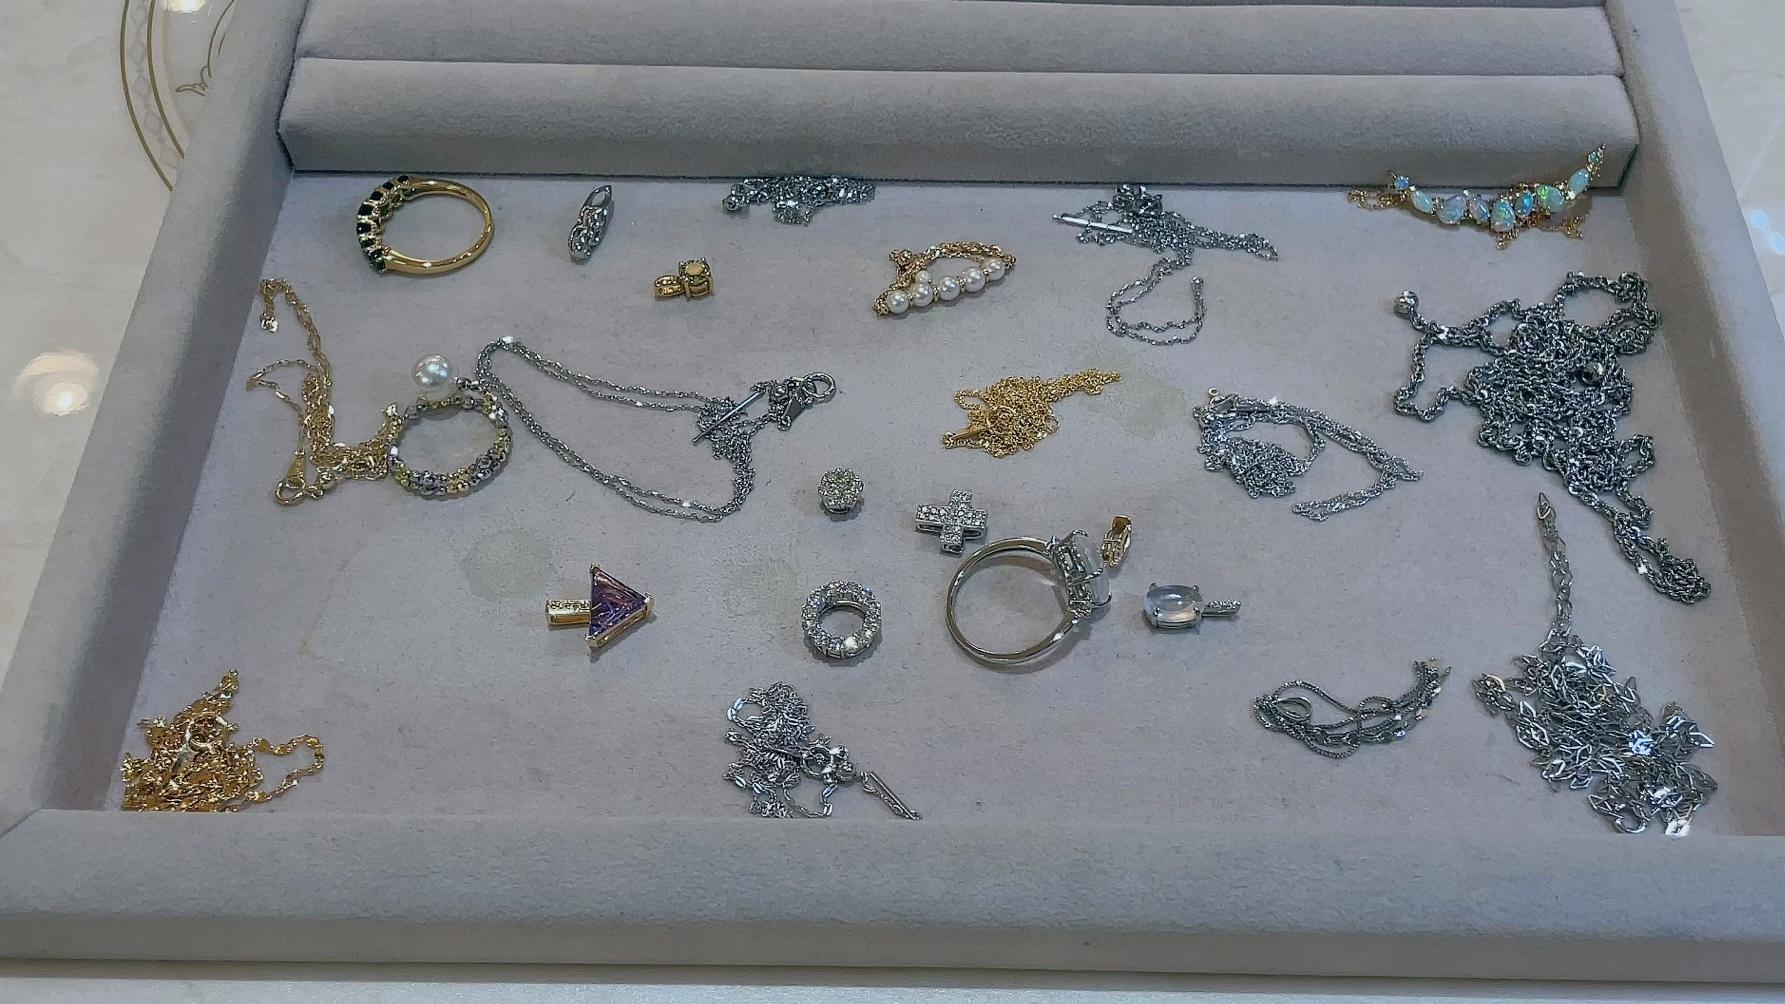 【買取速報】アメジスト、グリーンガーネット、ダイヤモンド、パール、ネックレス、ブローチ、ペン-2021-08-31